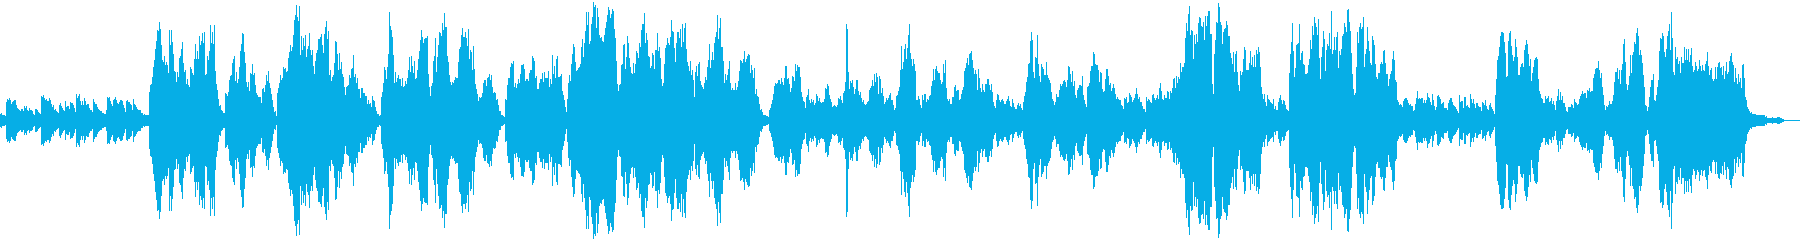 アヴェマリア 癒しのクラシック声楽曲の再生済みの波形